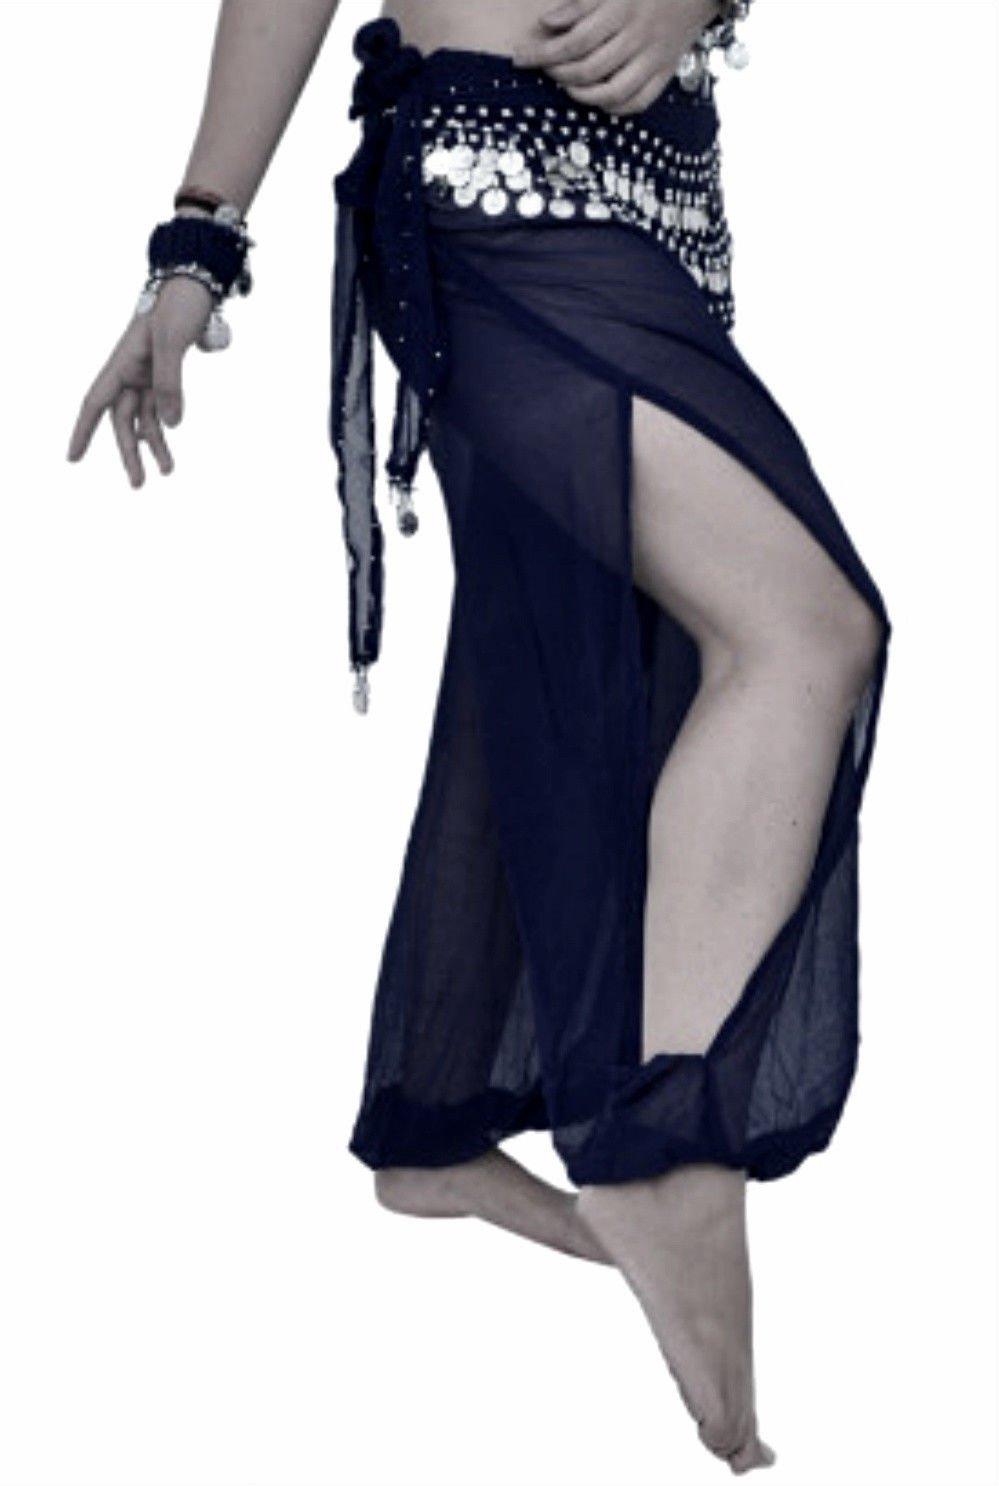 ベリーダンスハーレムパンツダンス部族ダンサー衣装ヨガに新しいファンシードレスS / M L XL XXL ブラック